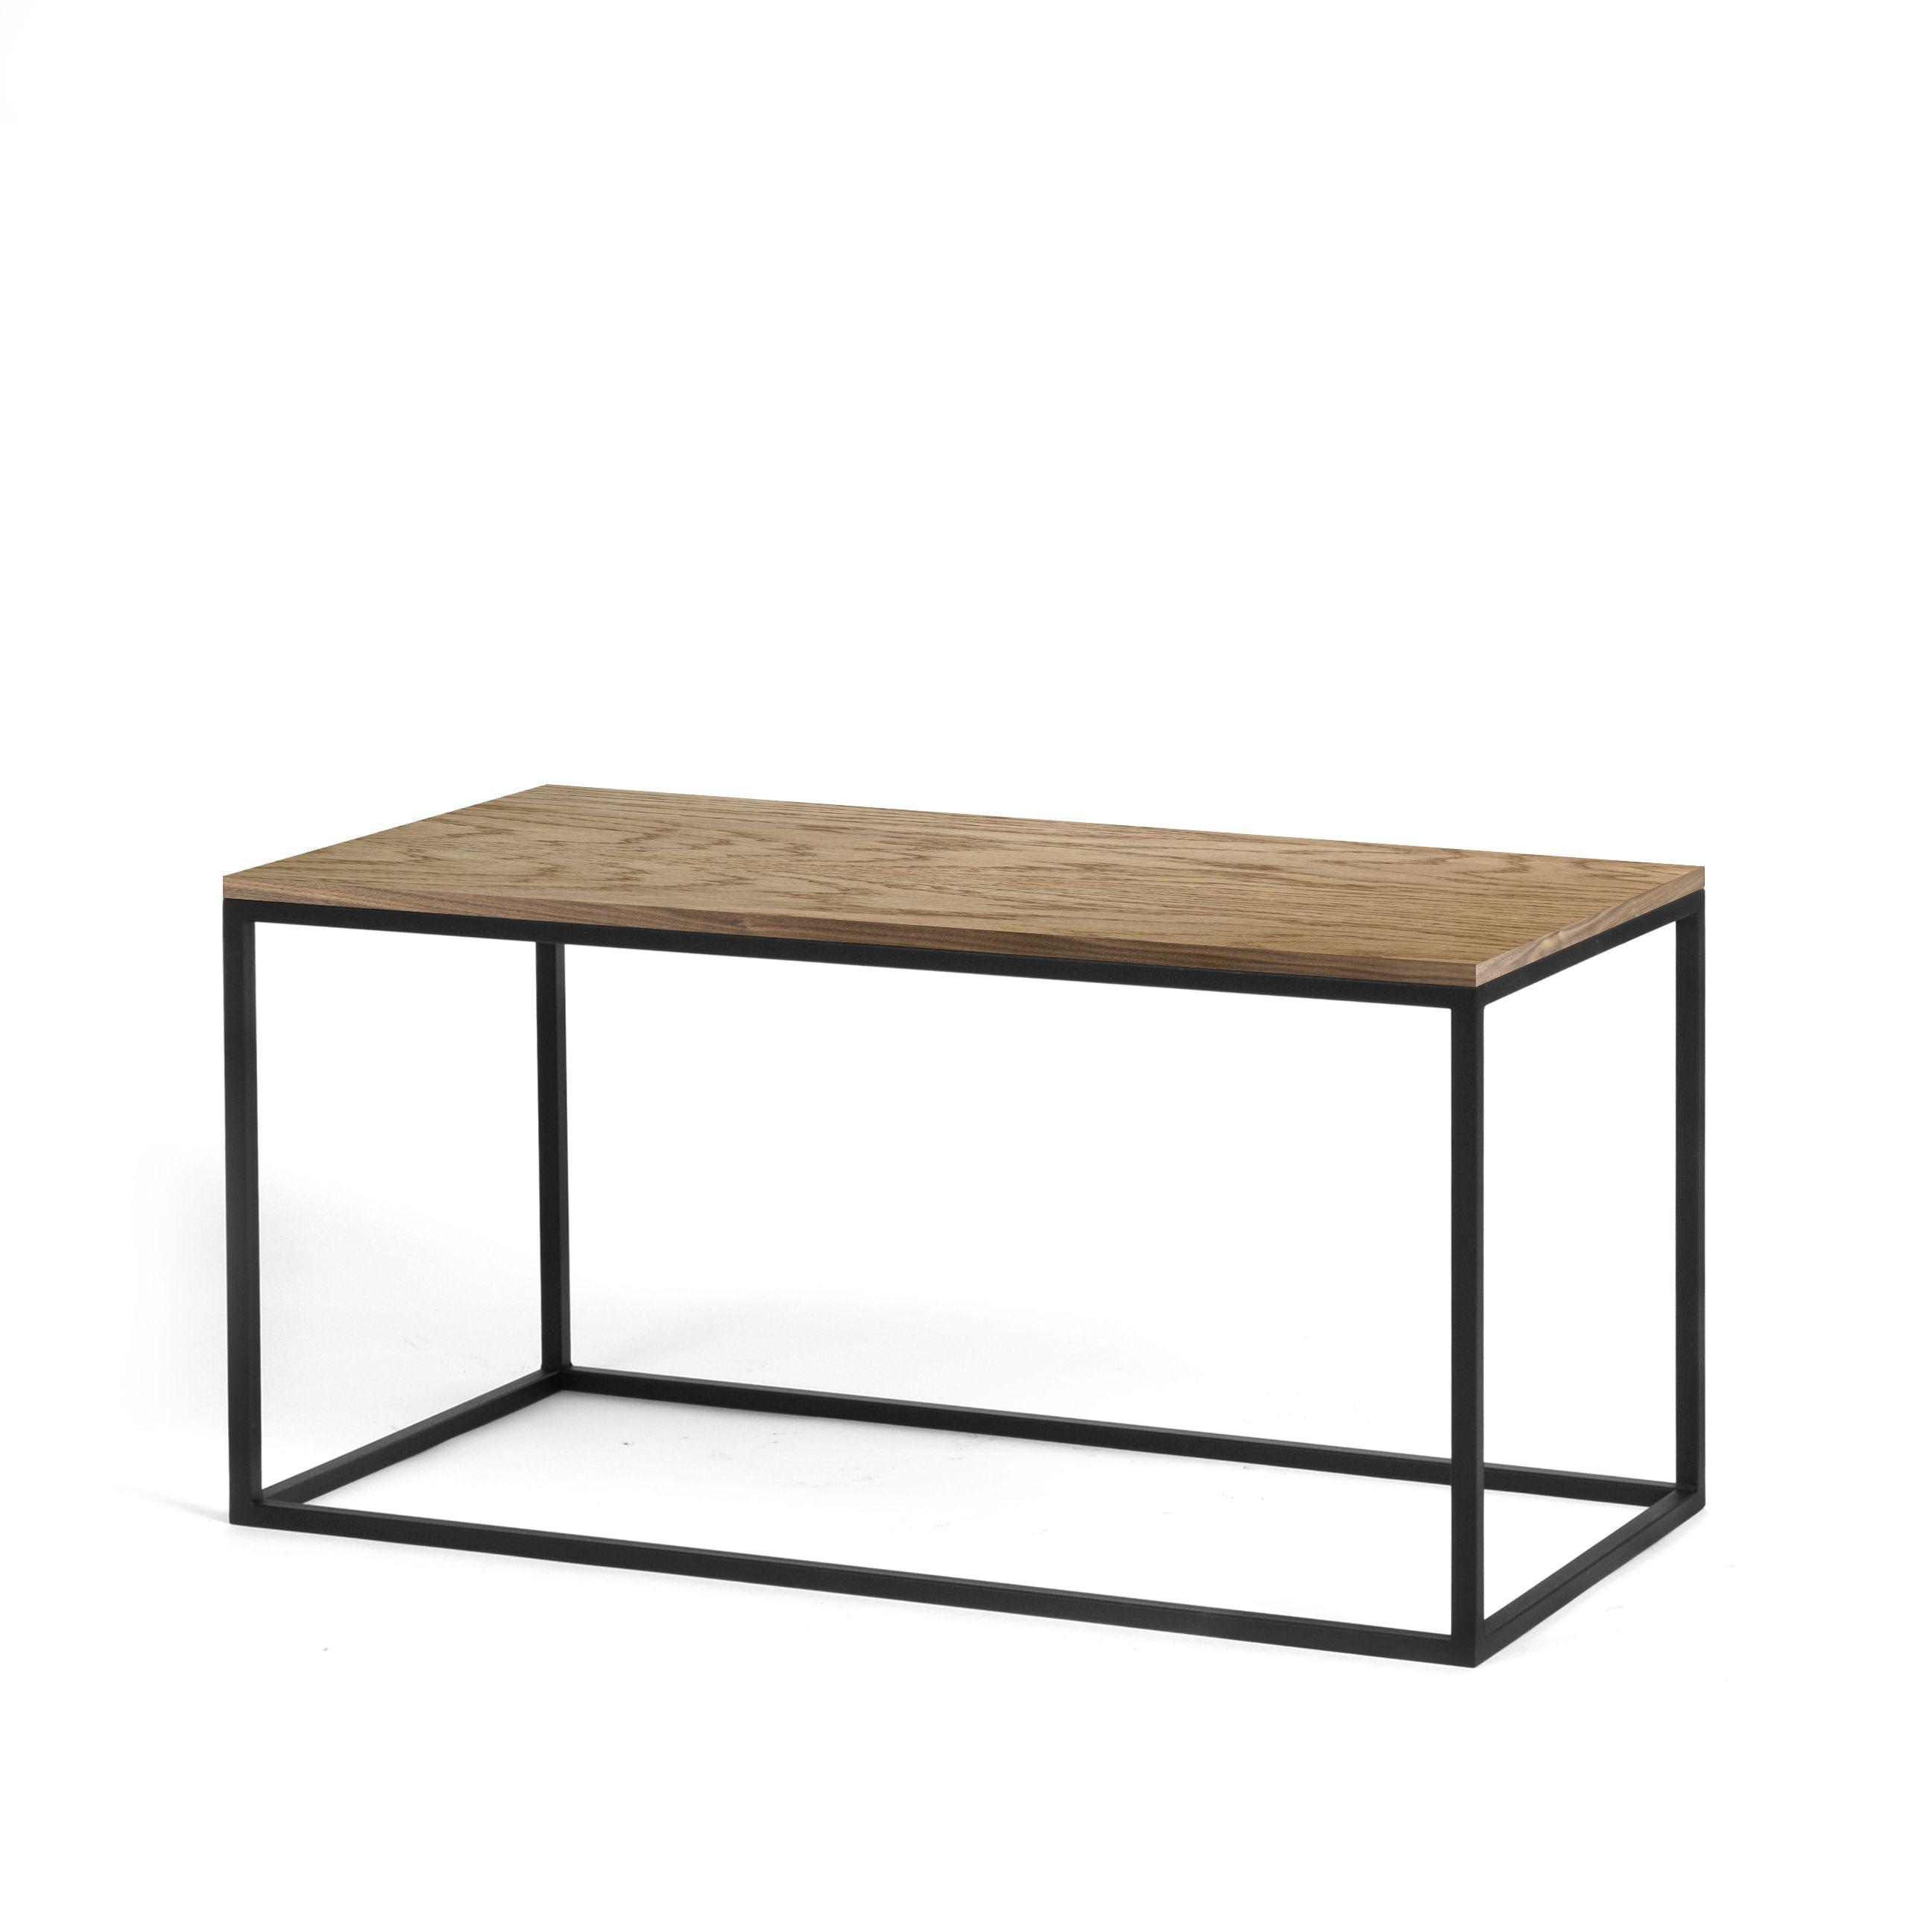 Журнальный/кофейный столик Darmian, темный дубЖурнальные столики<br><br>